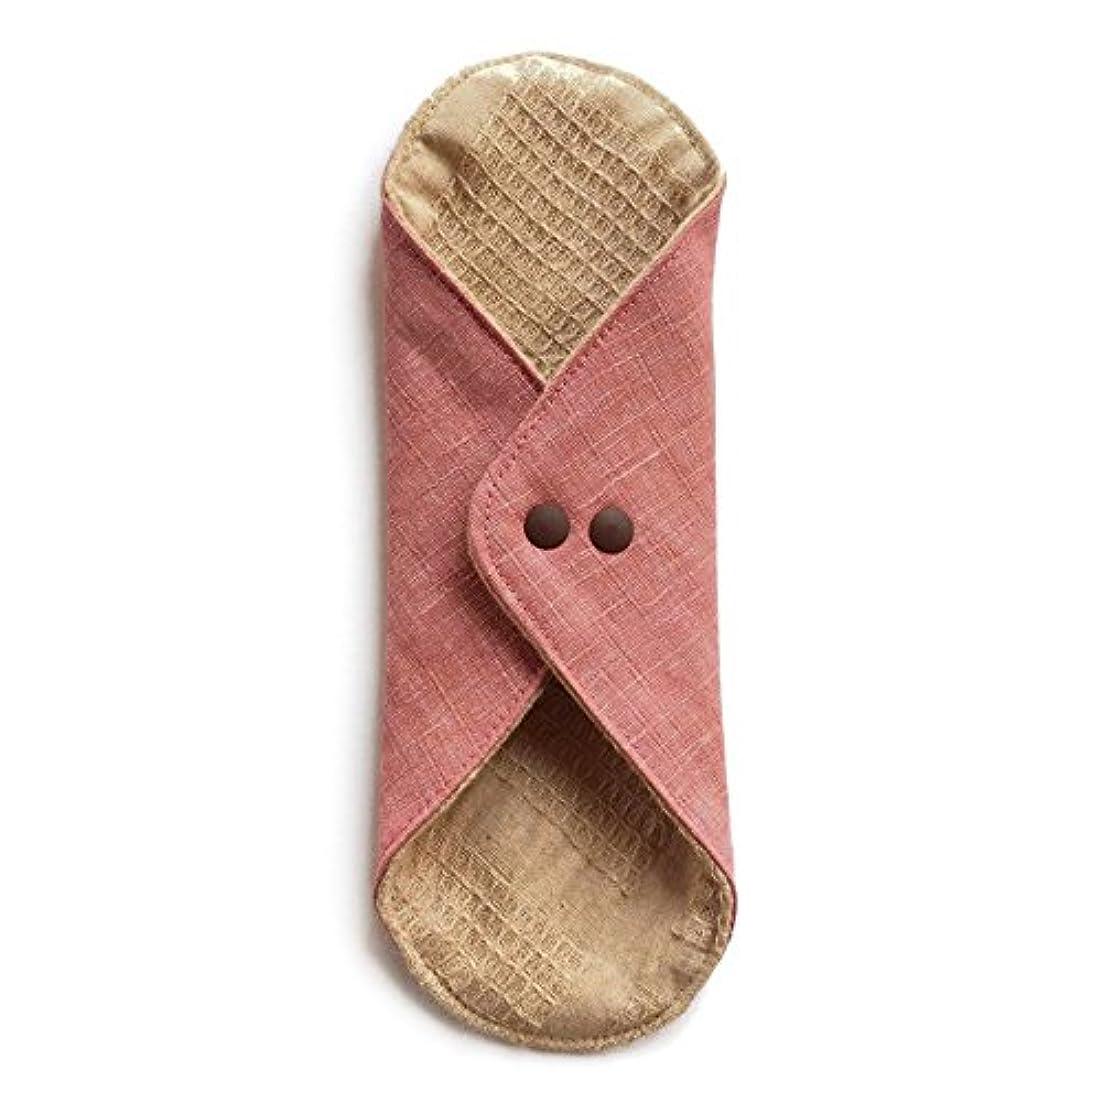 太鼓腹個人分子華布のオーガニックコットンのあたため布 Lサイズ (約18×約20.5×約0.5cm) 彩り(桃)